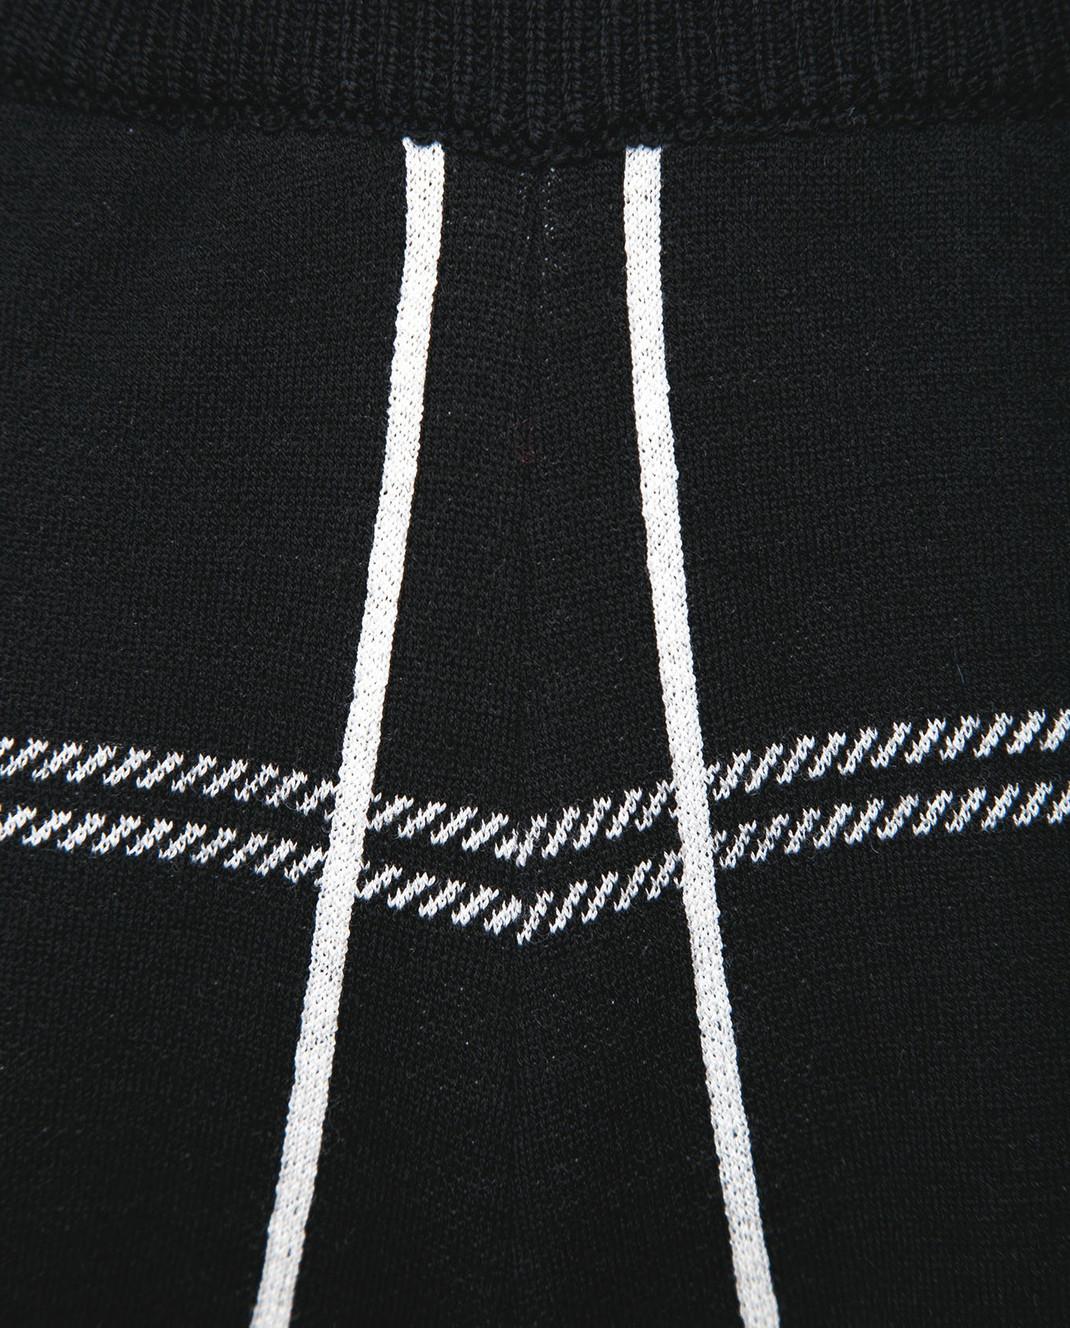 Chloe Черные брюки из шерсти 18SMT01540 изображение 5